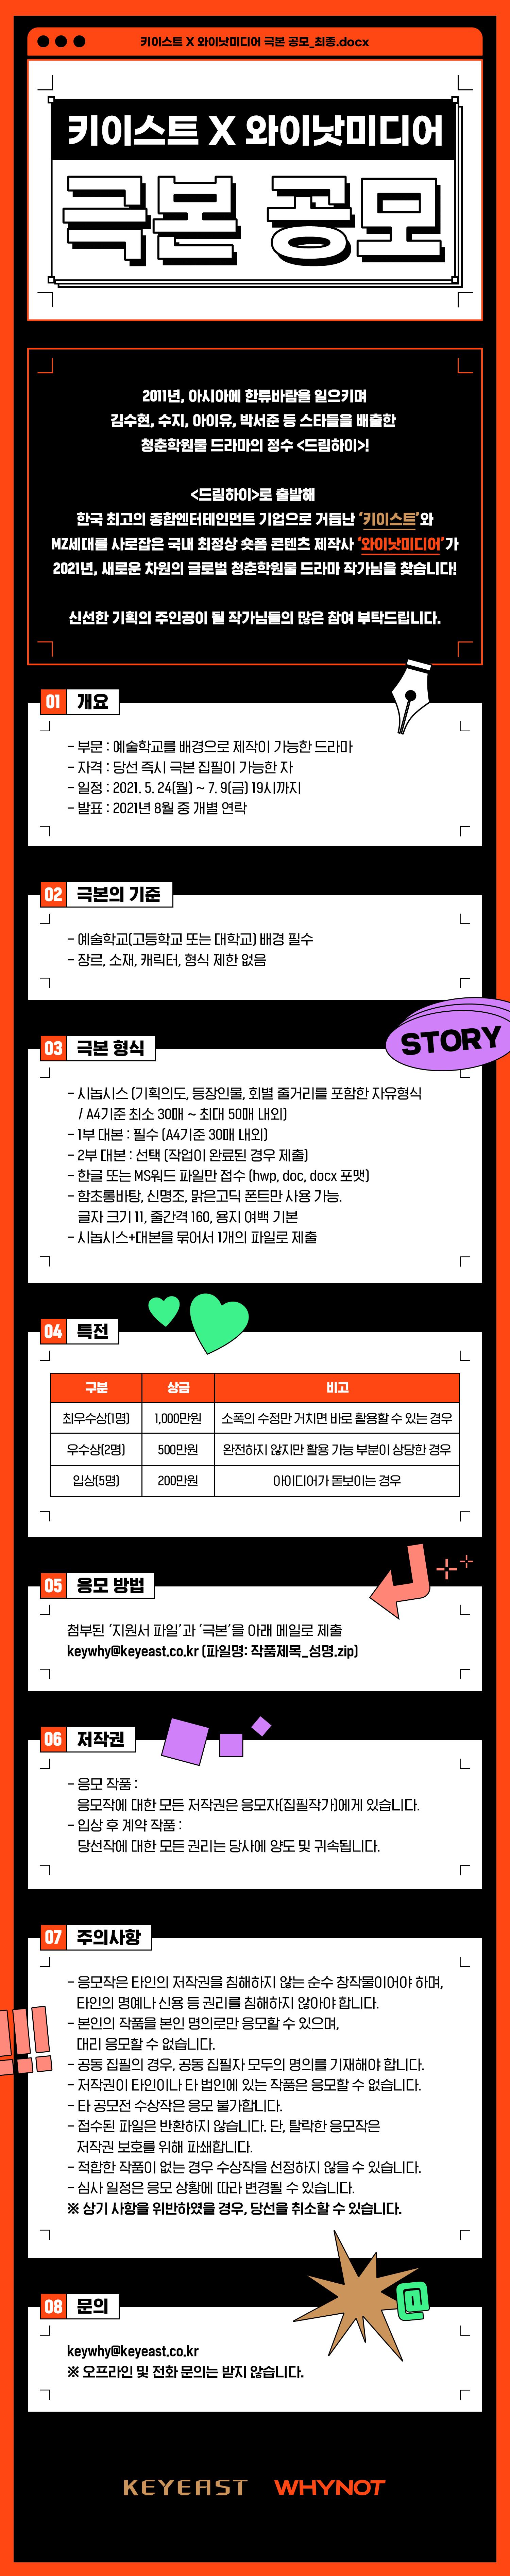 키이스트X와이낫미디어, 2021 드라마 극본 공모전